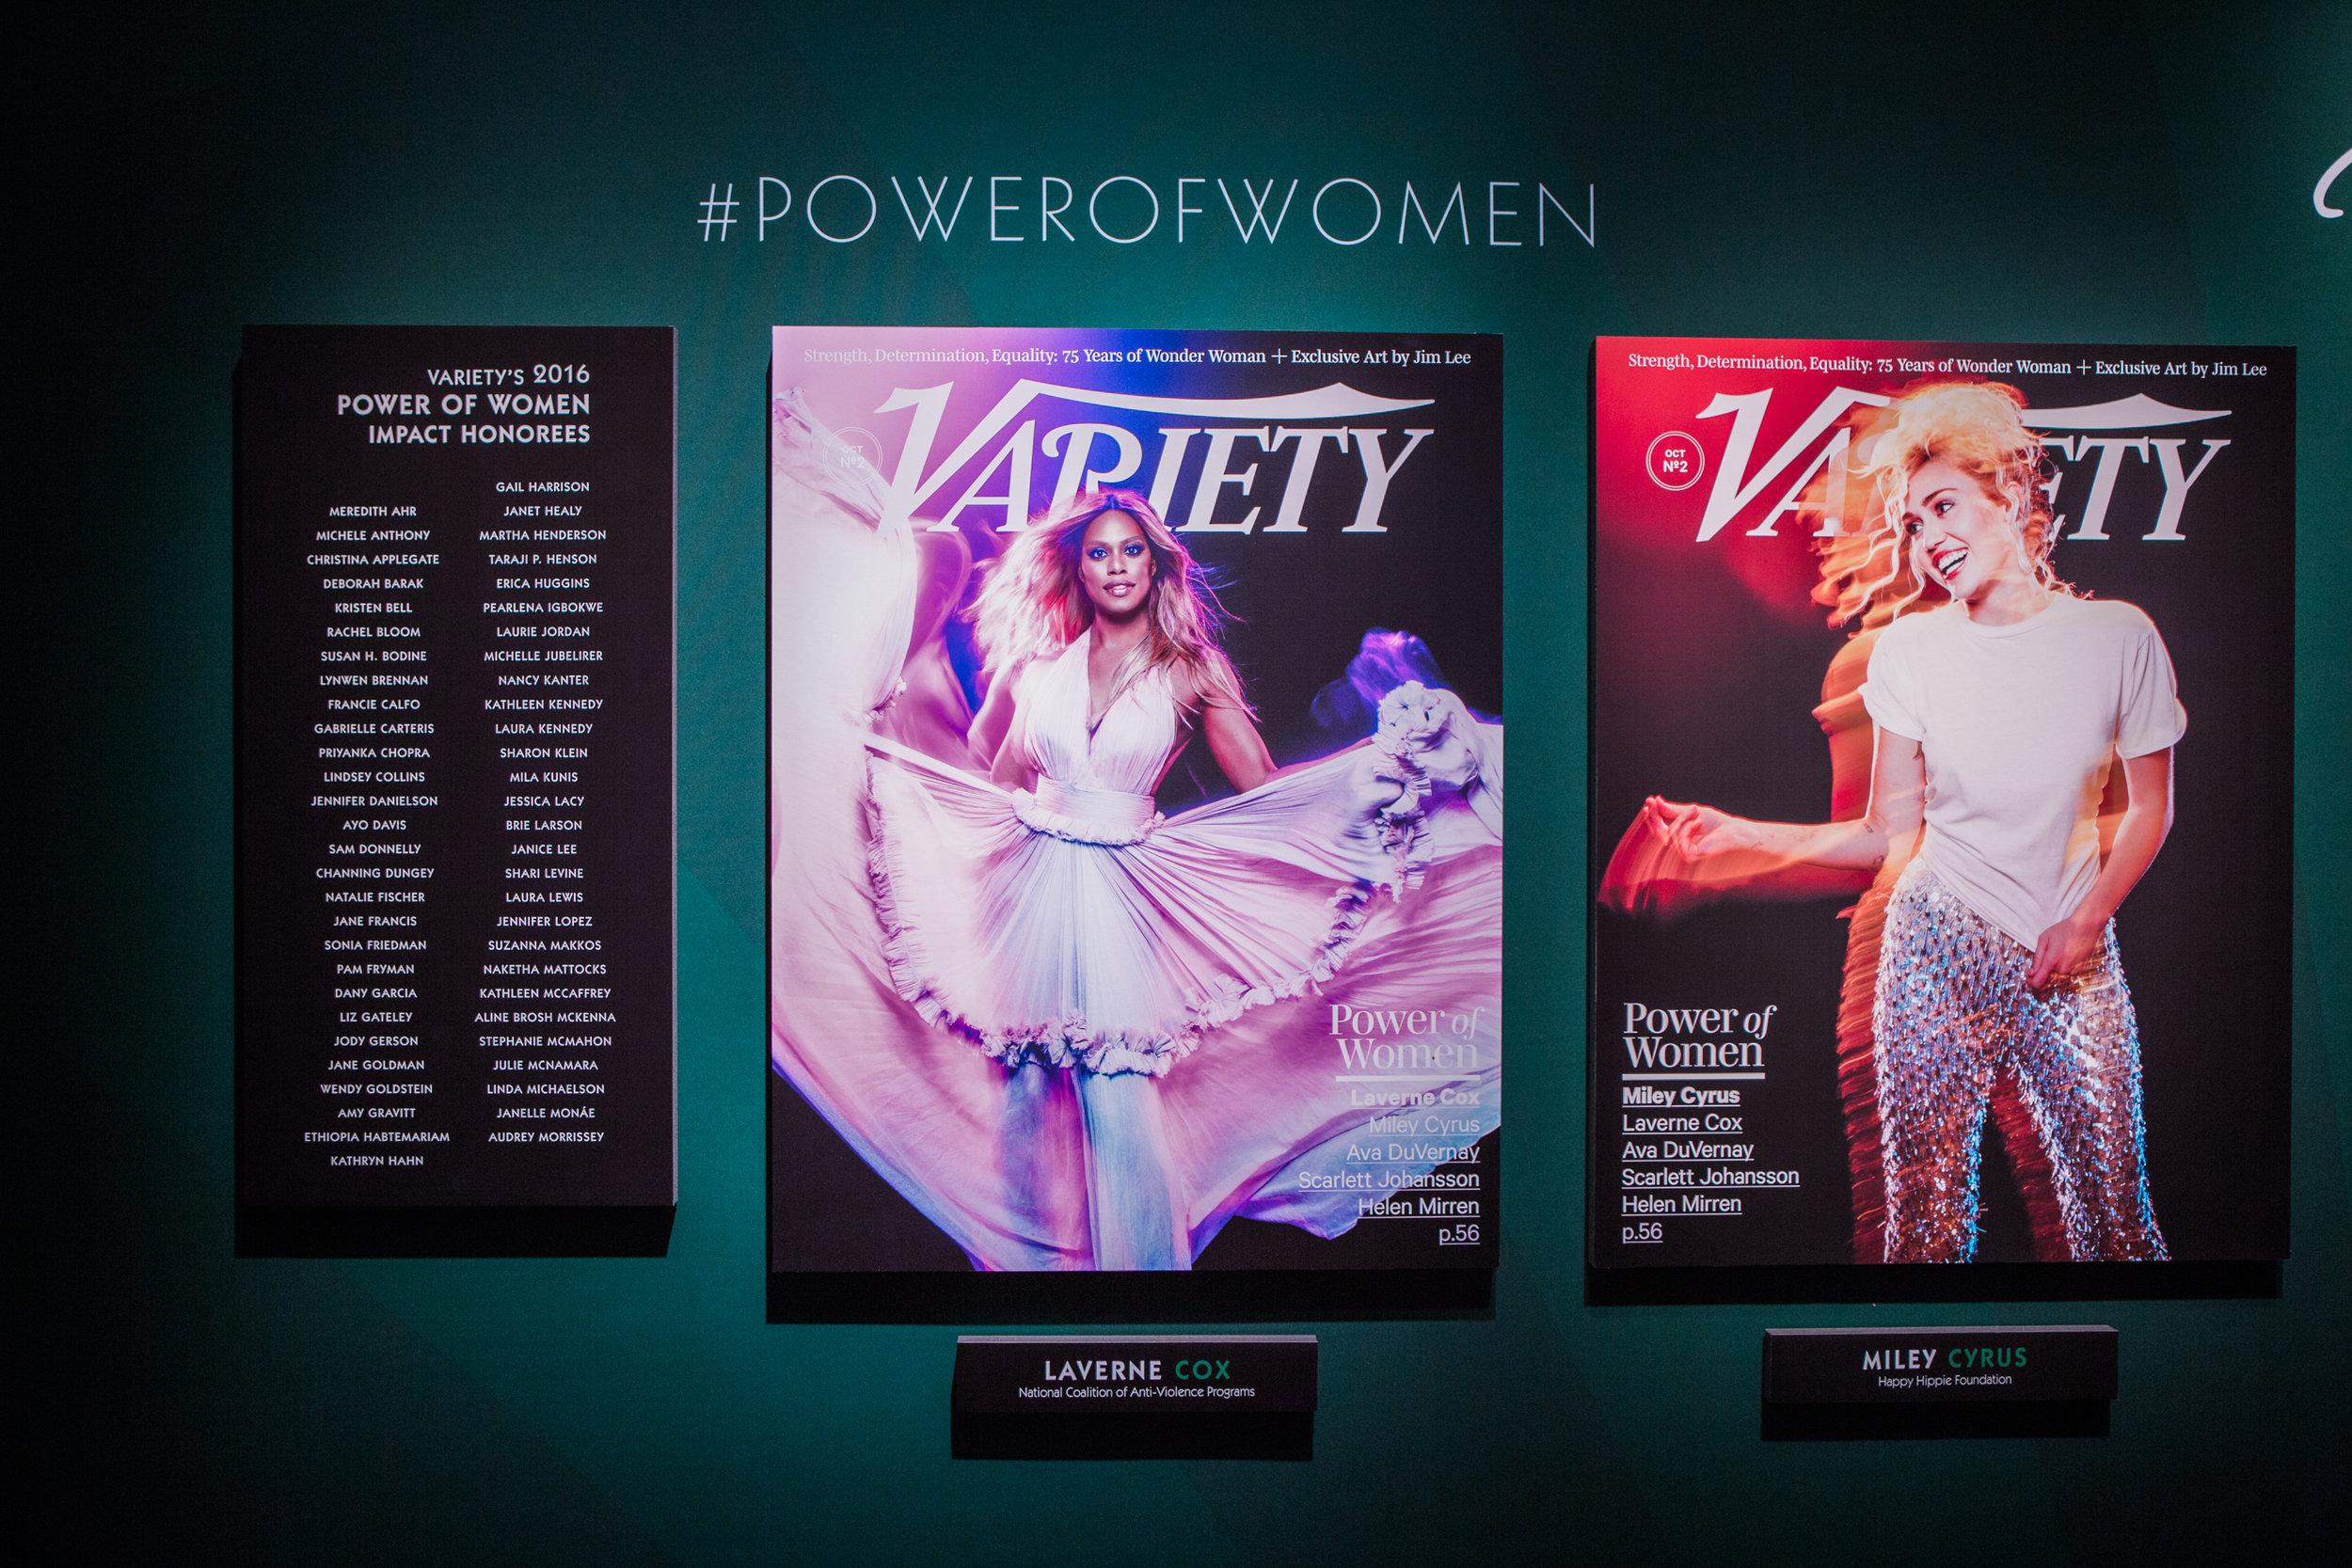 0027_Power of Women_2016_byBraedonFlynn.jpg